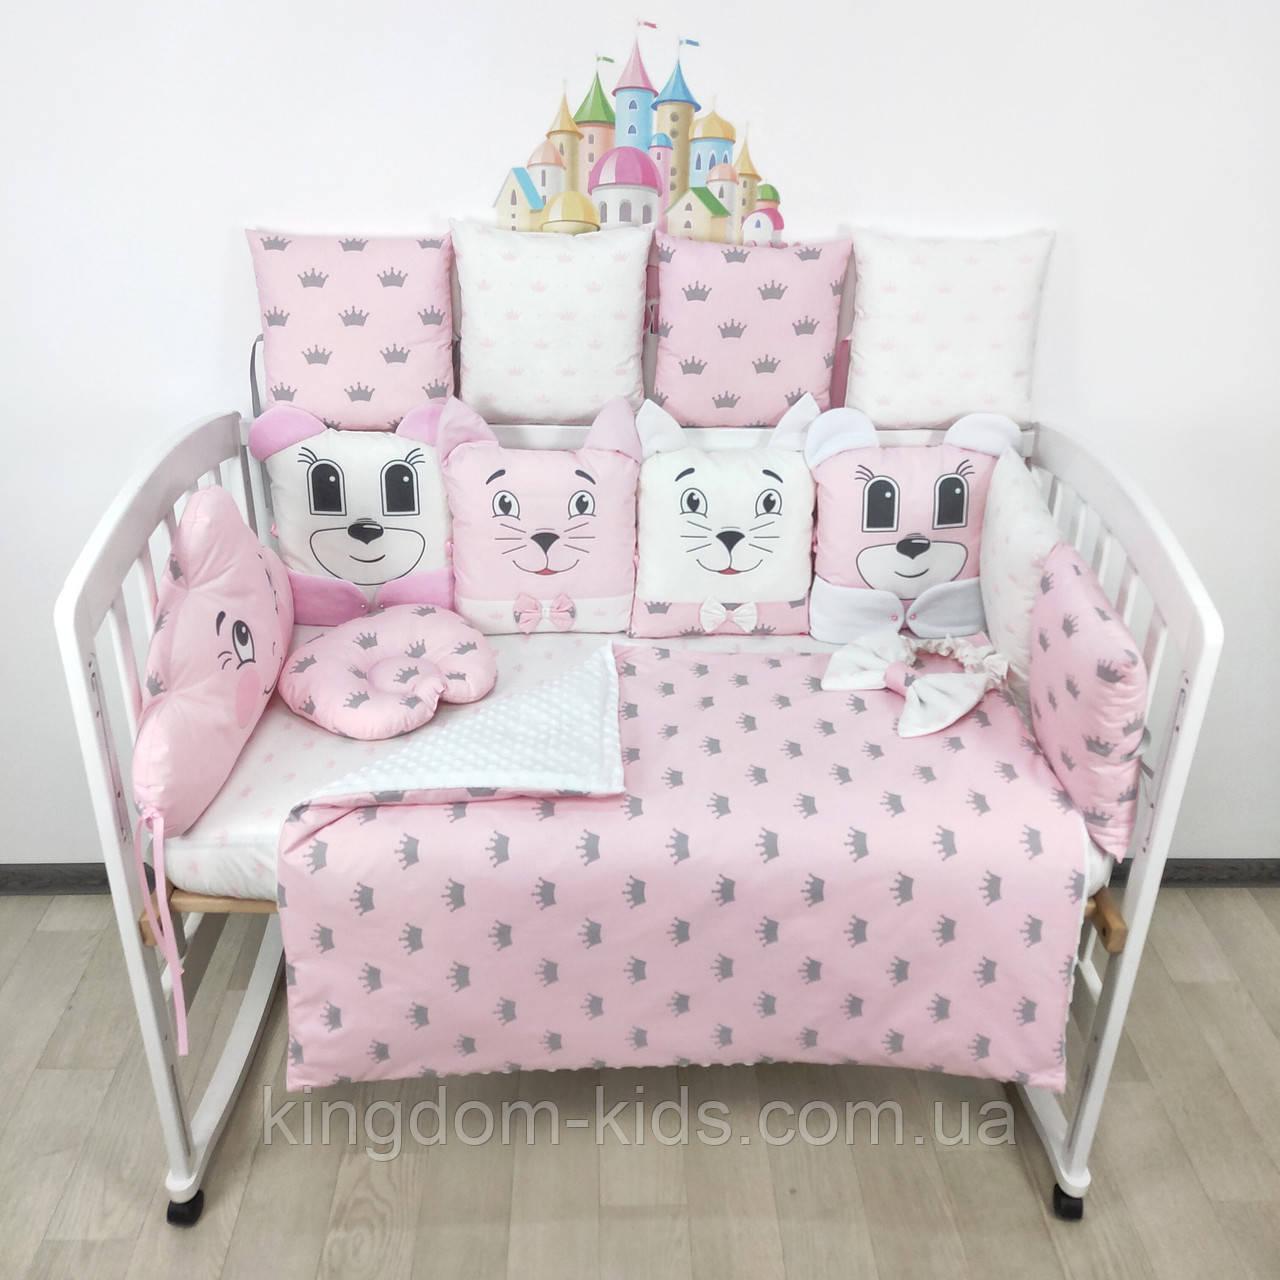 Комплект бортиков и постельного в кроватку с игрушками и облаком в нежно-розовых тонах